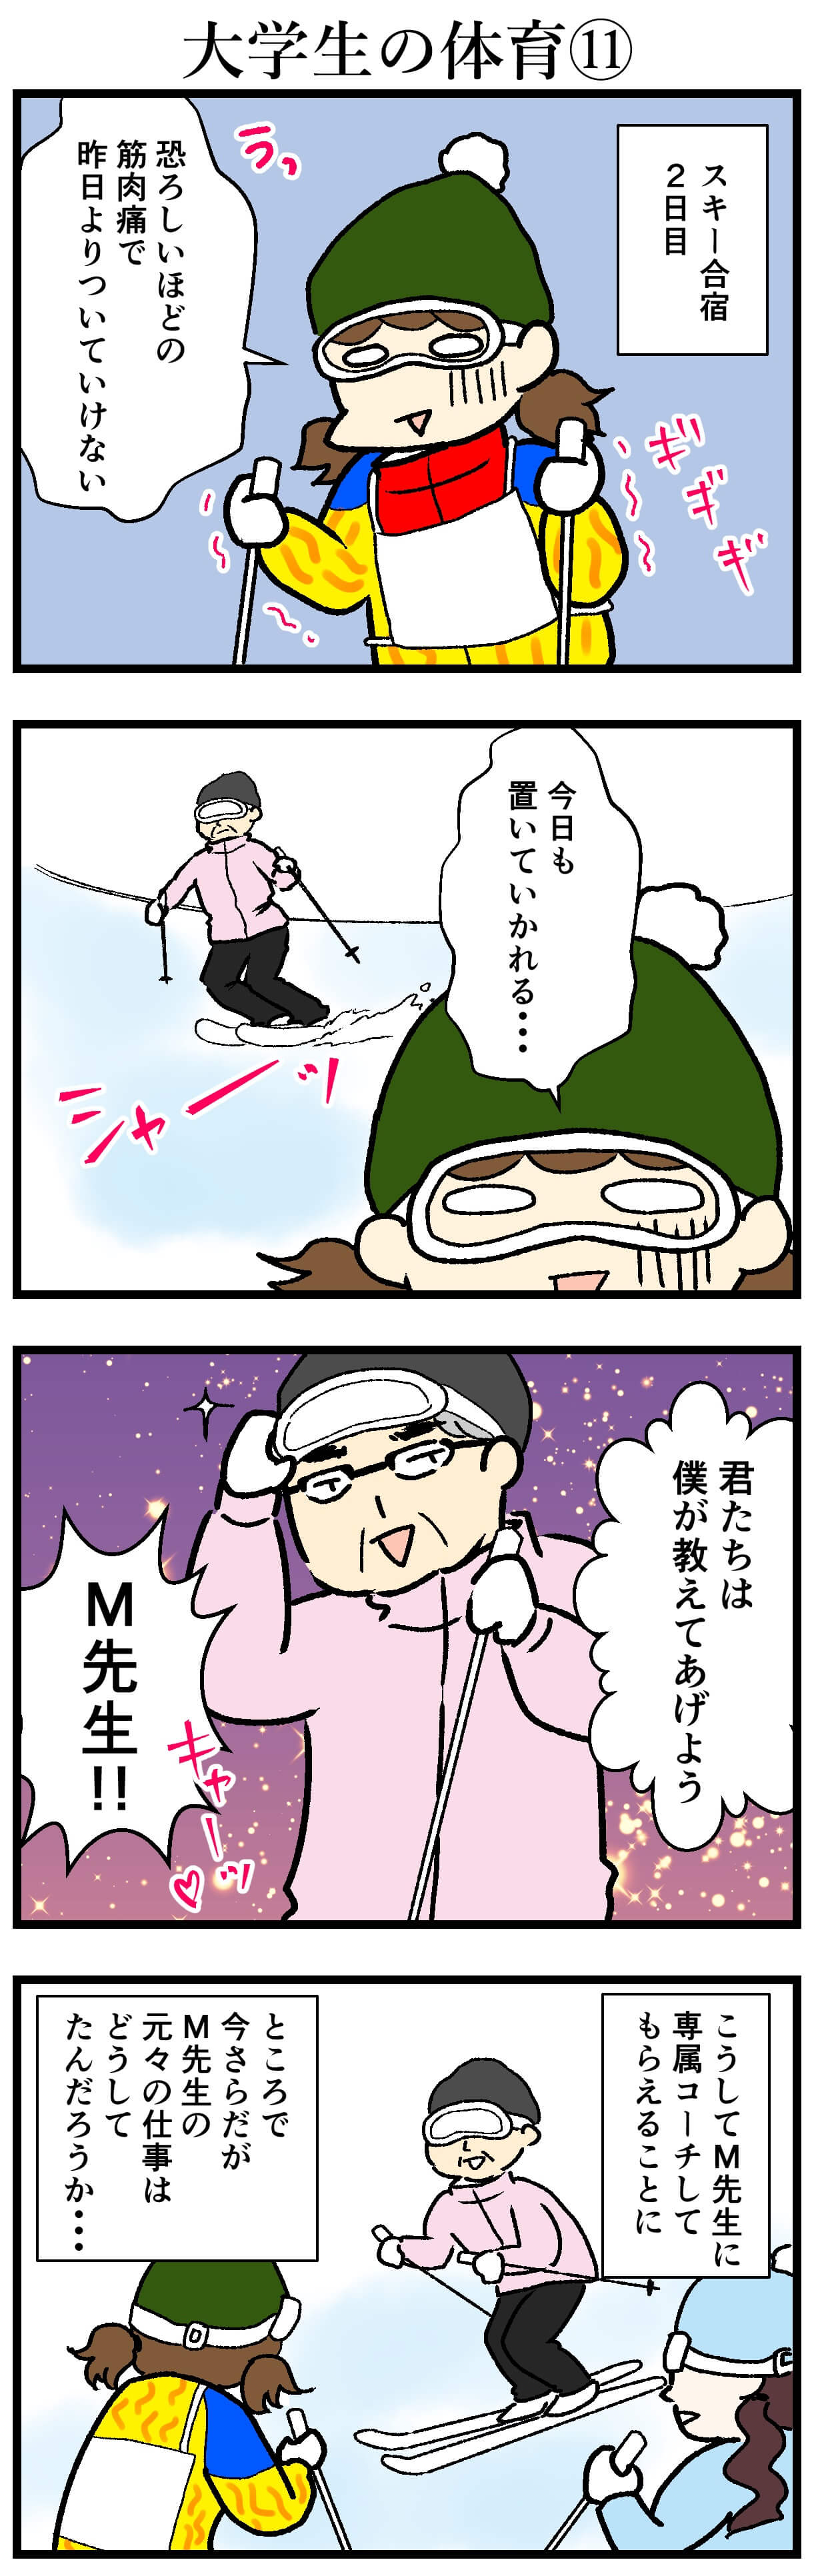 【エッセイ漫画】アラサー主婦くま子のふがいない日常(100)